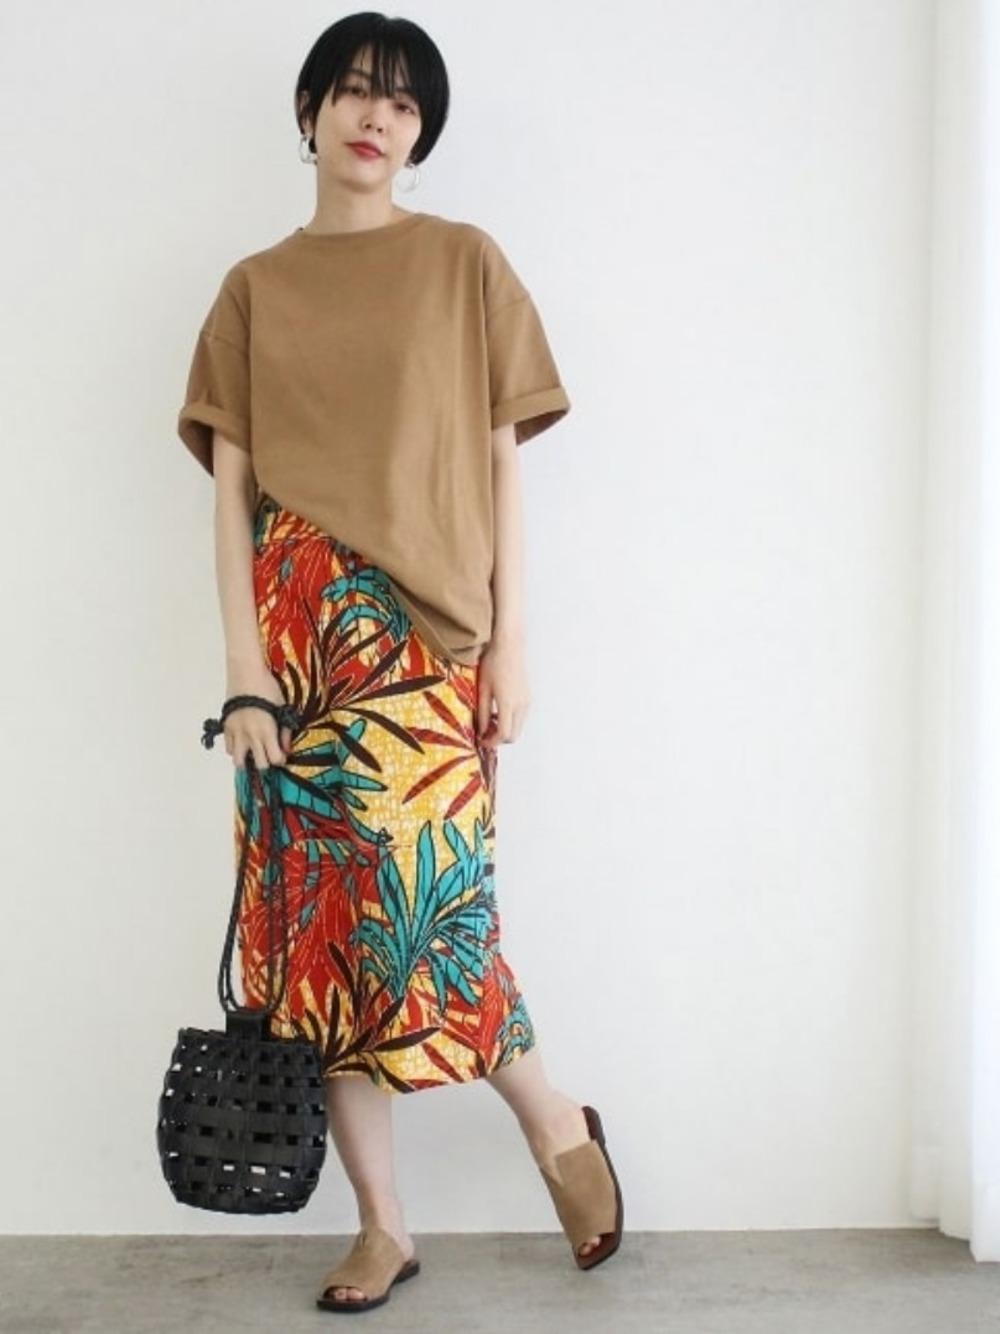 大きめTシャツとタイトスカートの大人キレイめコーデ